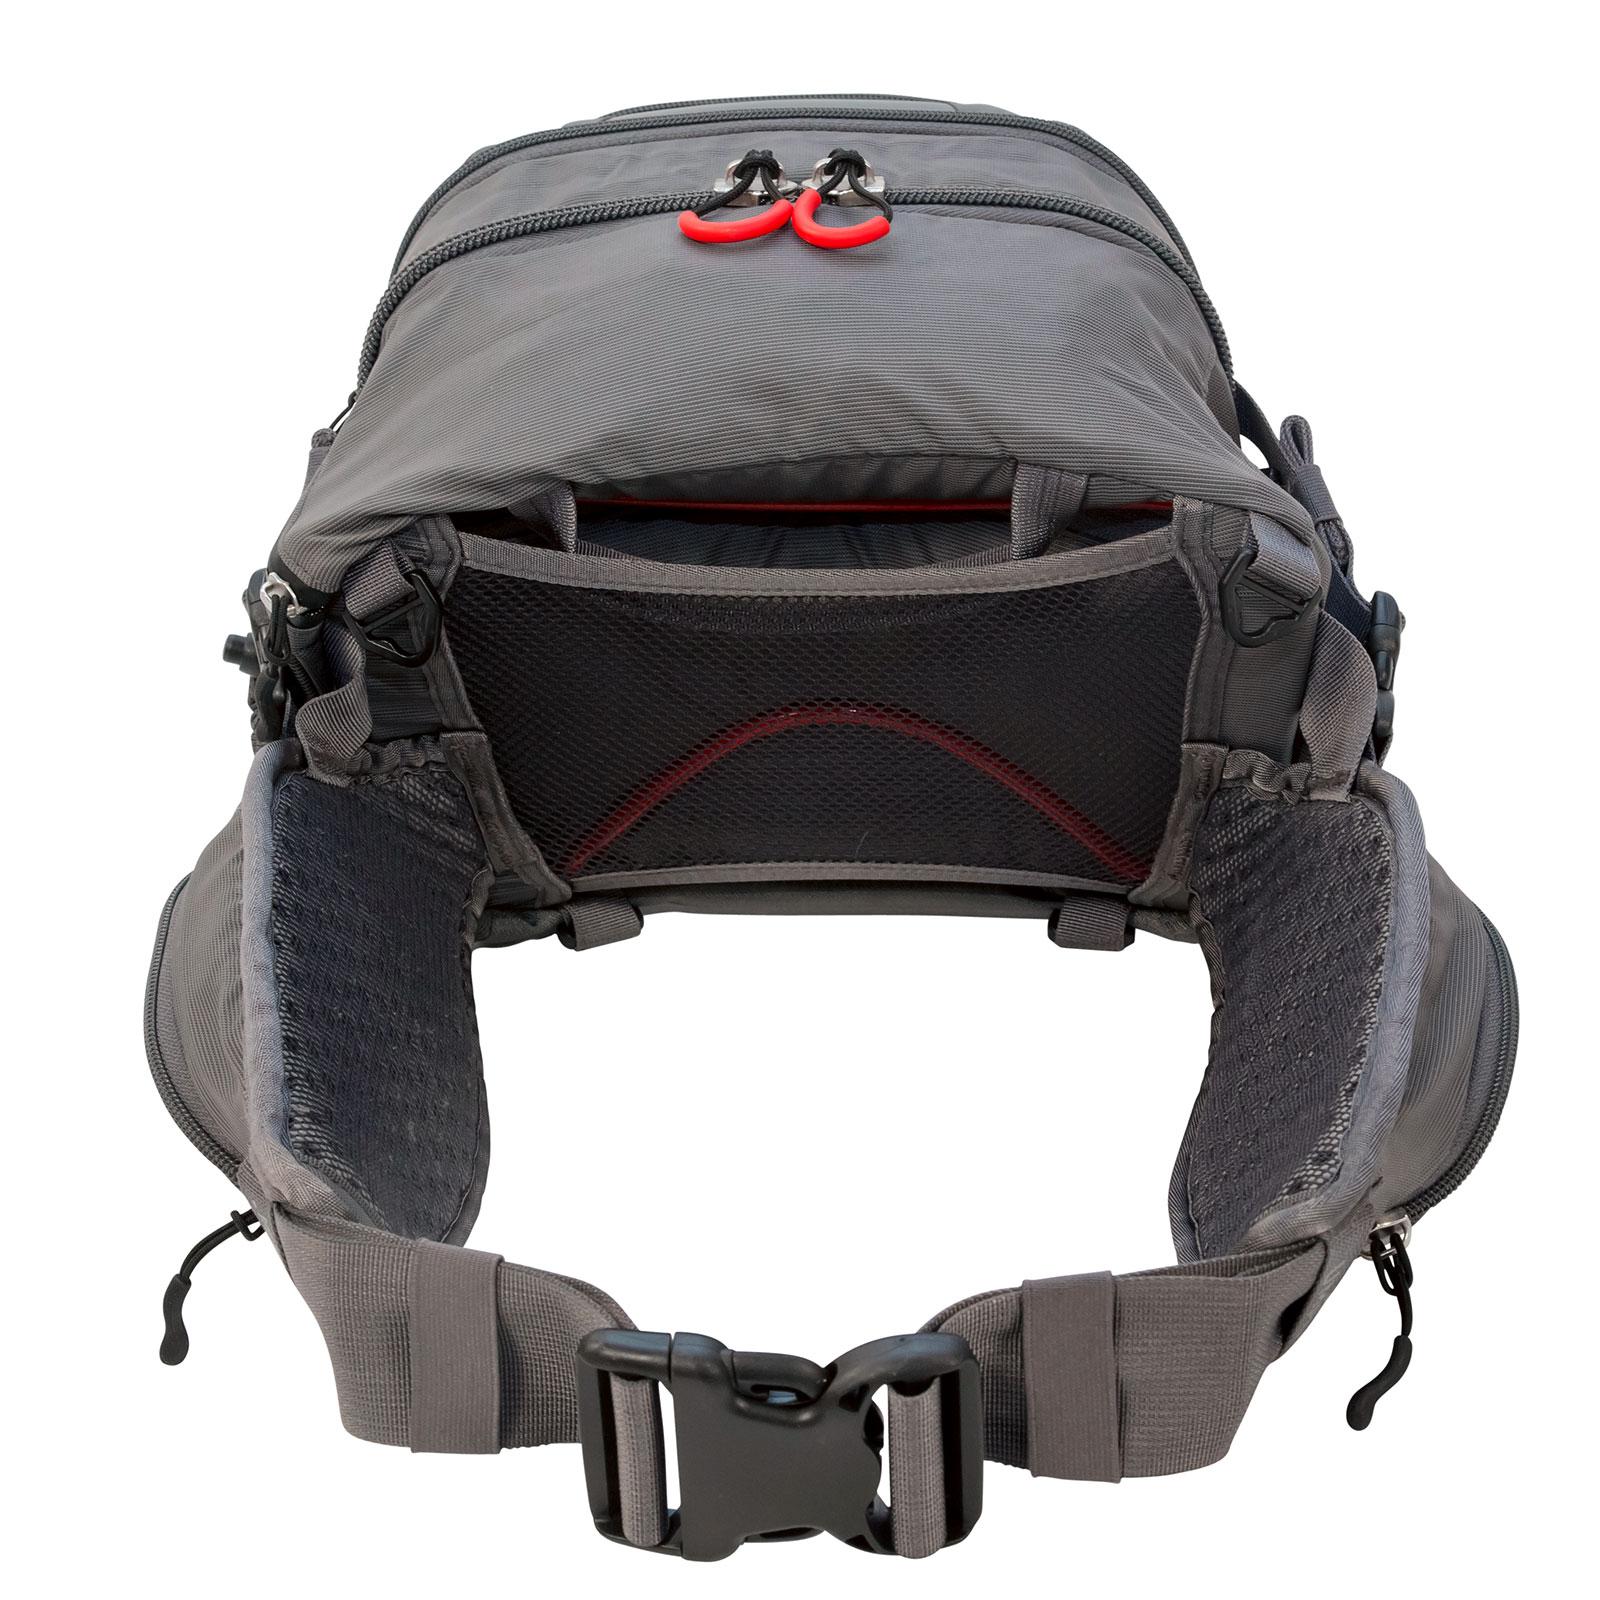 Umpqua ledges 650 waist pack for fly fishing bag new ebay for Fly fishing hip pack